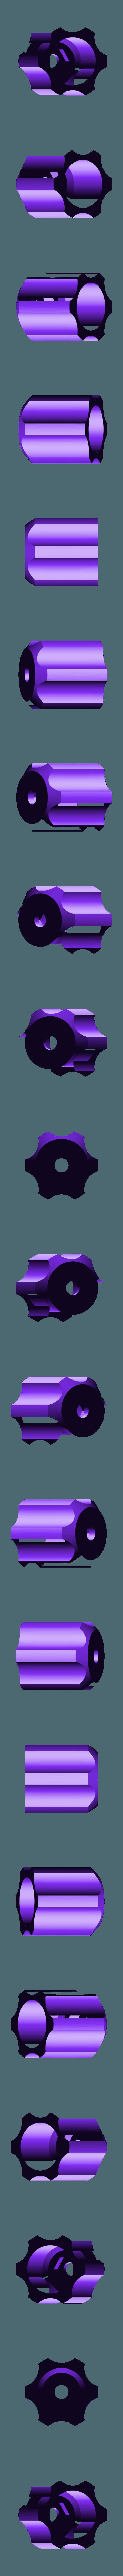 filament_pressure_bar_knob.stl Télécharger fichier STL gratuit Extrudeuse à engrenages utilisant le pilote d'extrudeuse M8 • Plan pour imprimante 3D, Job